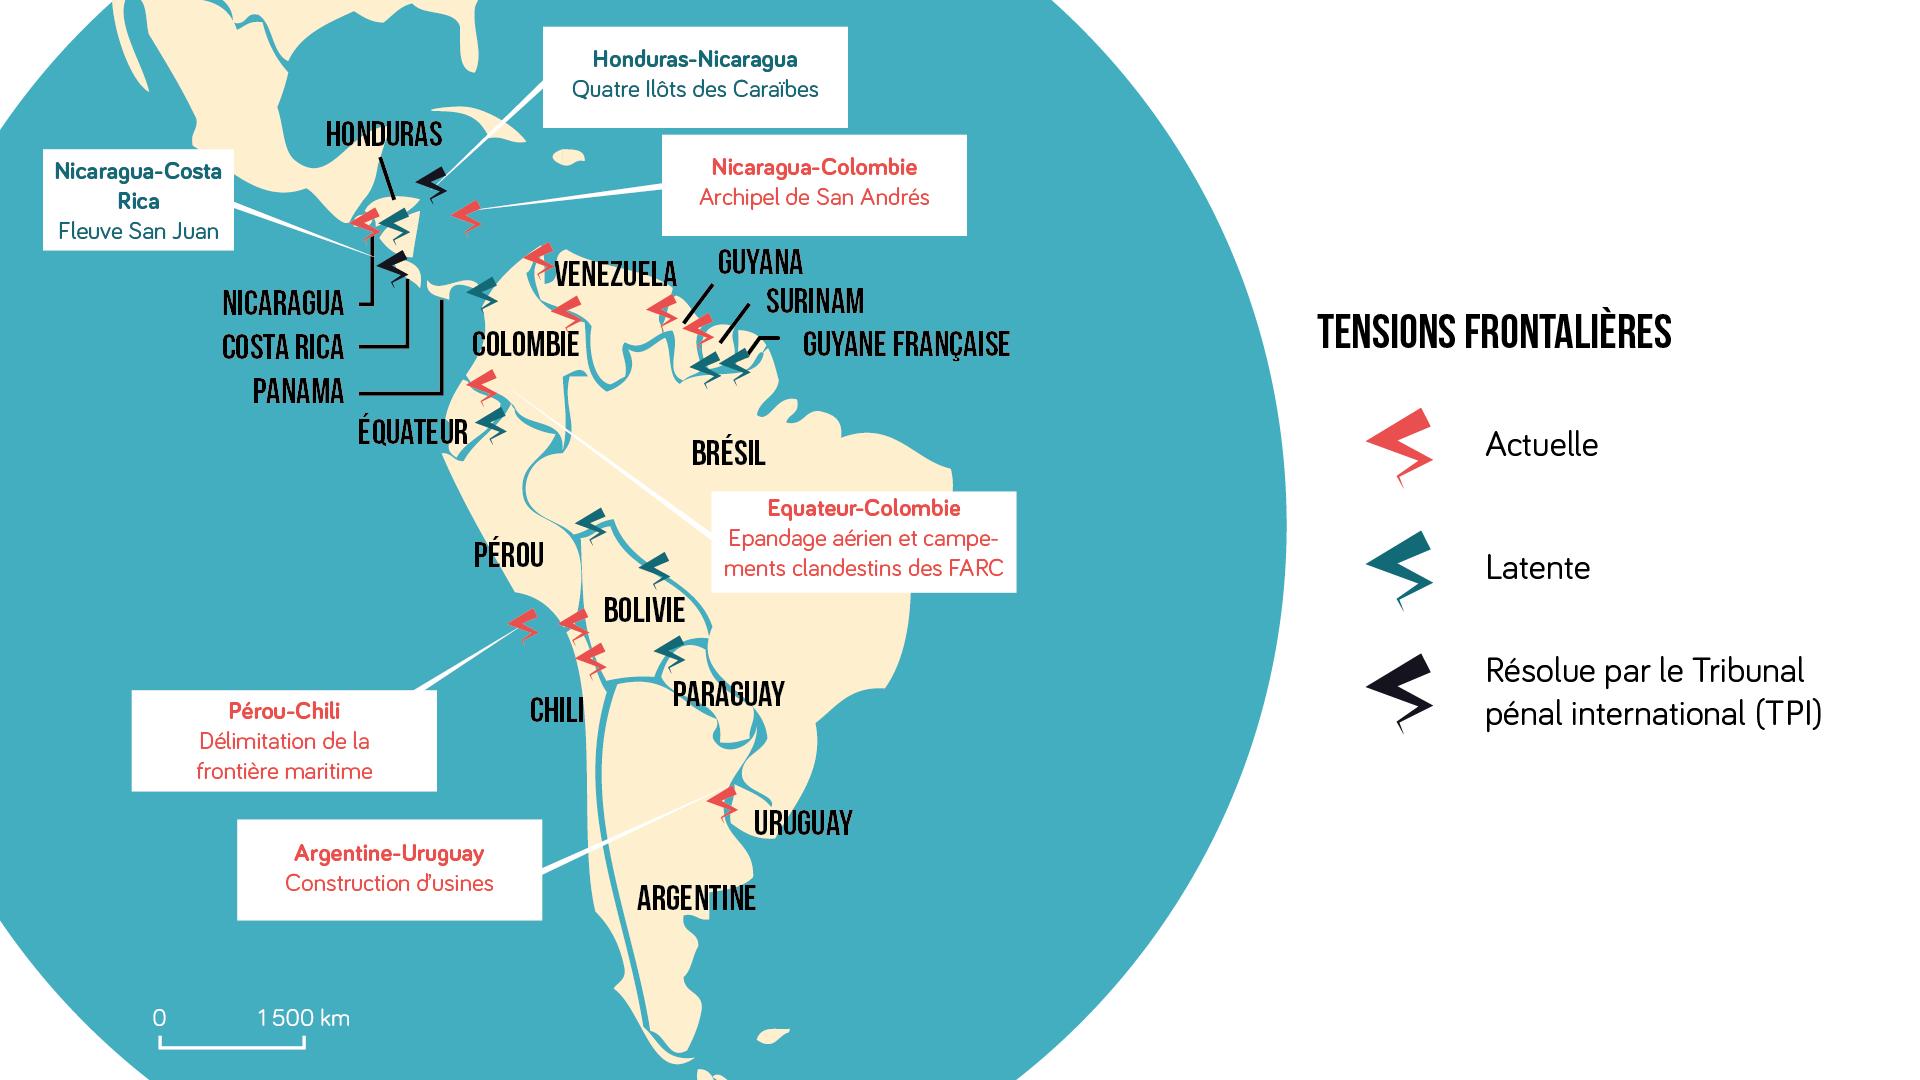 Géographie terminale Carte des tensions frontalières sur le continent américain